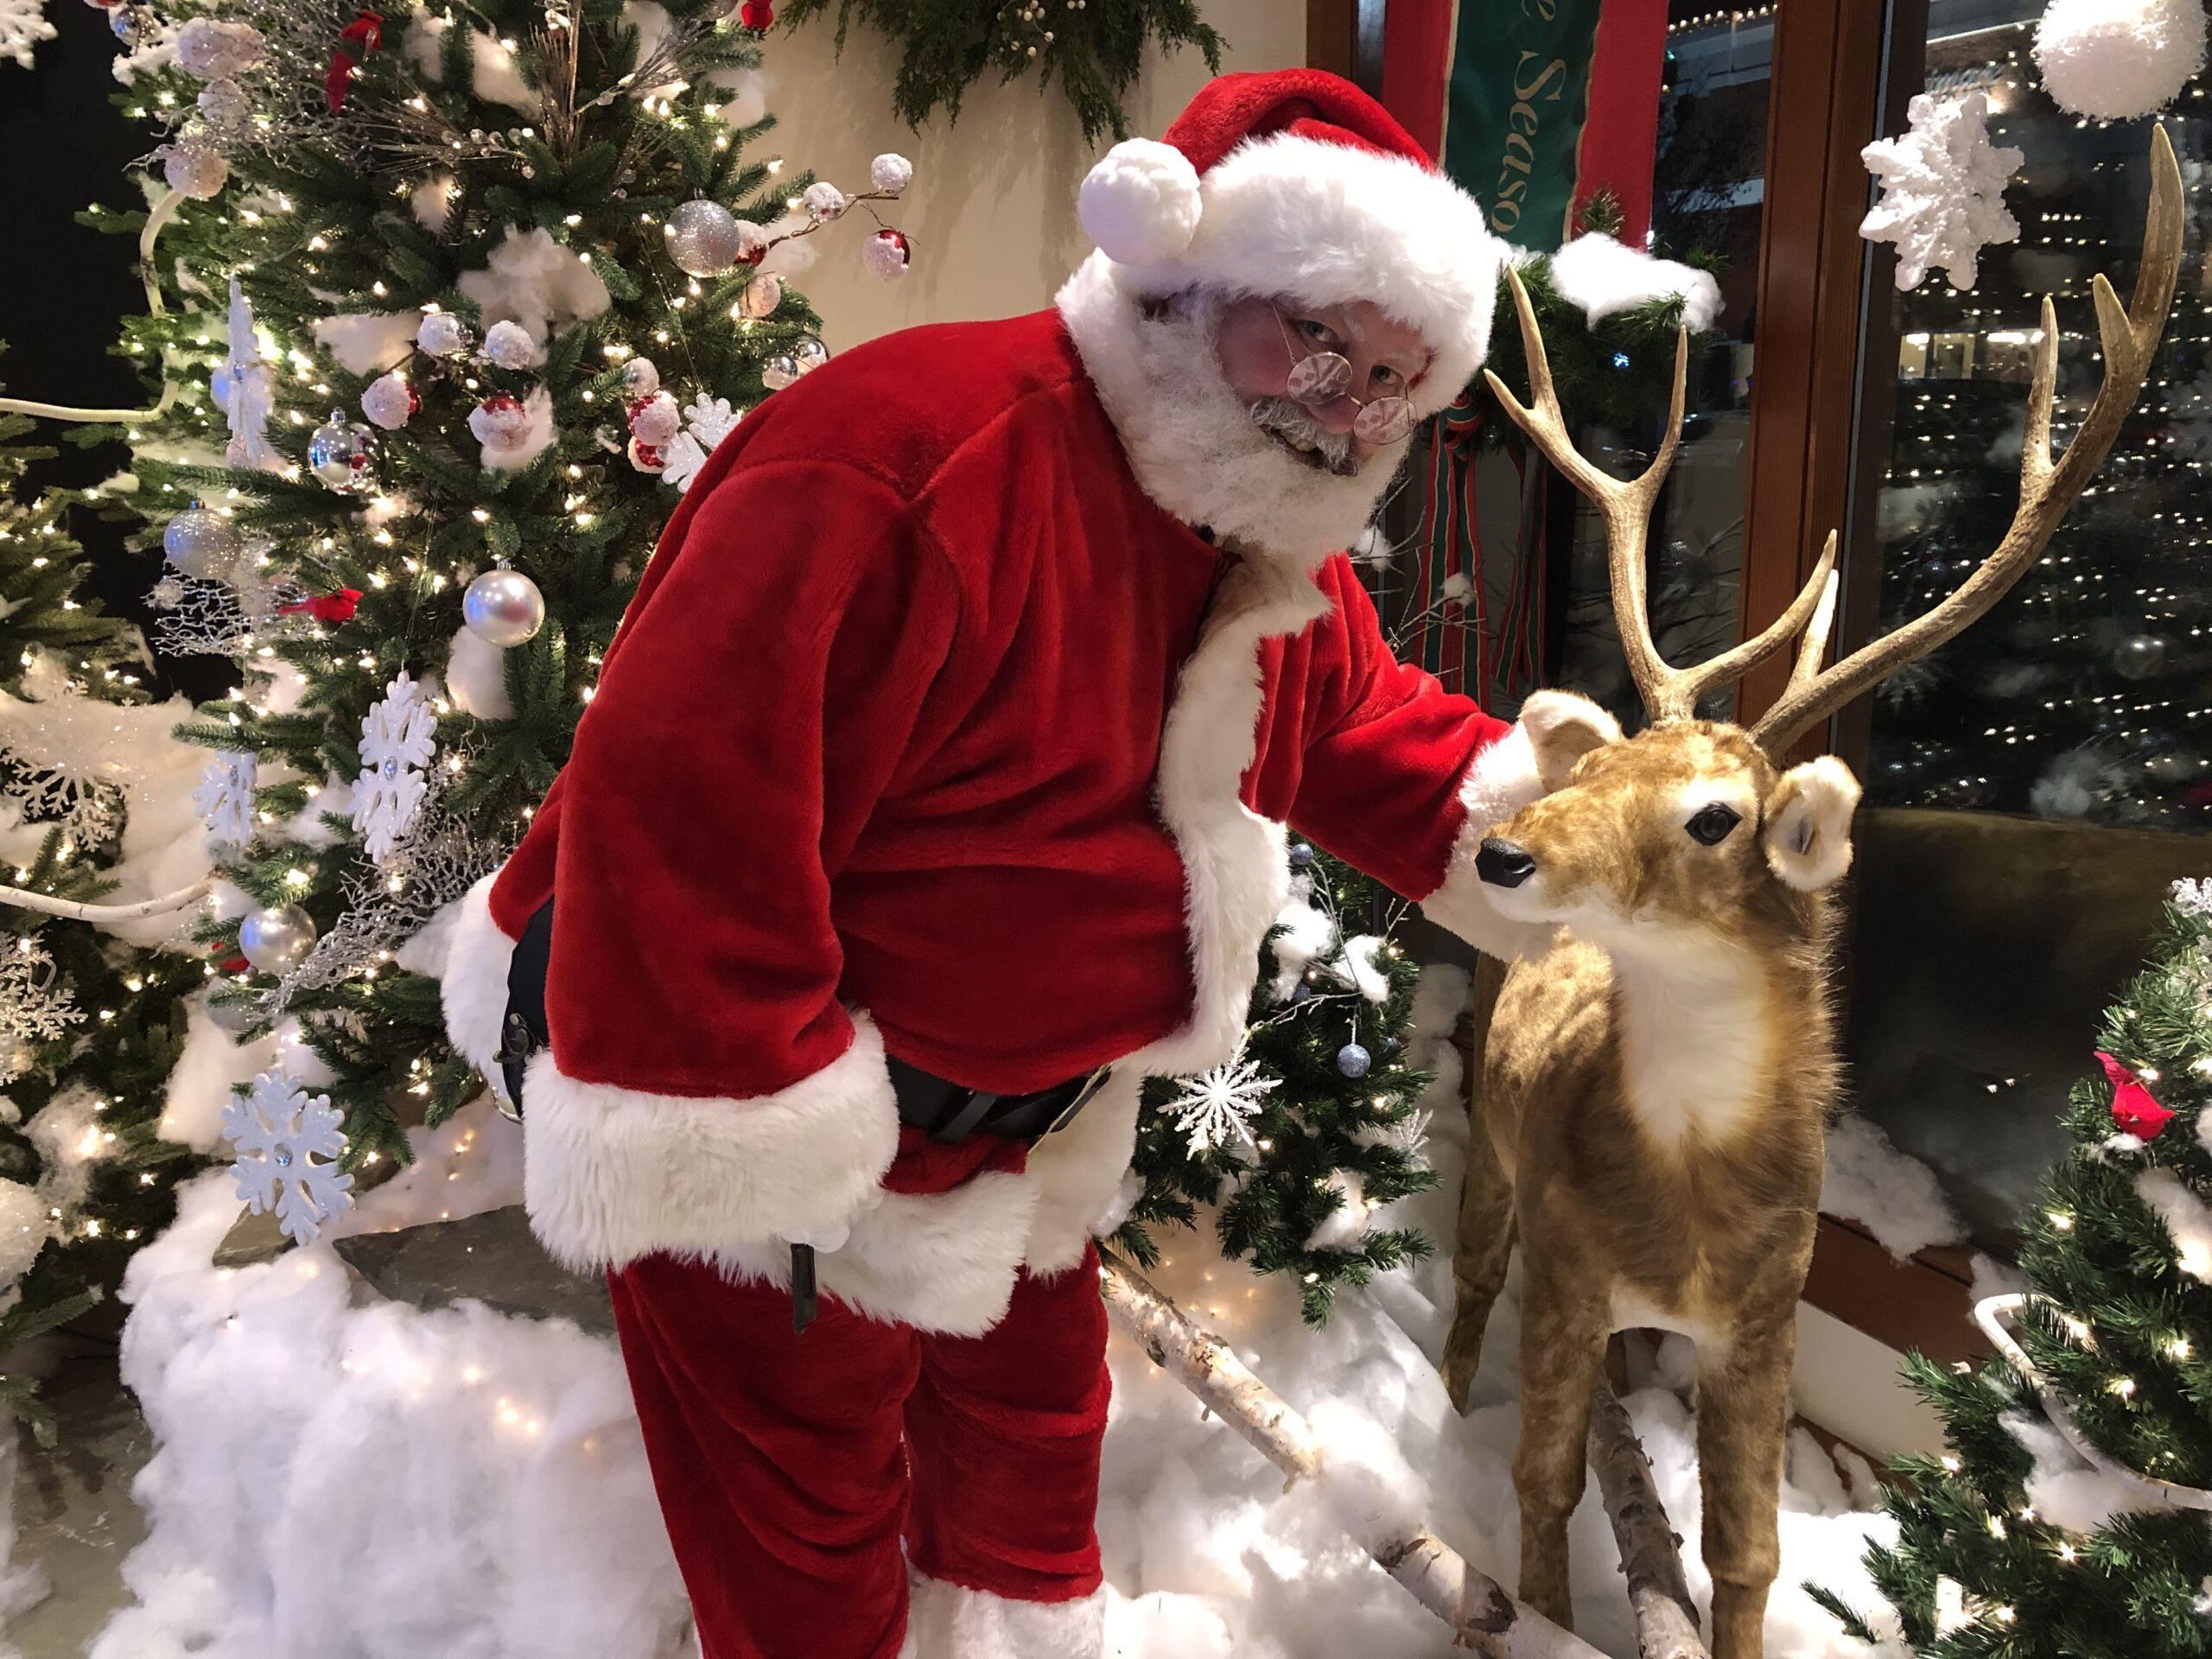 Santa Earl and his reindeer